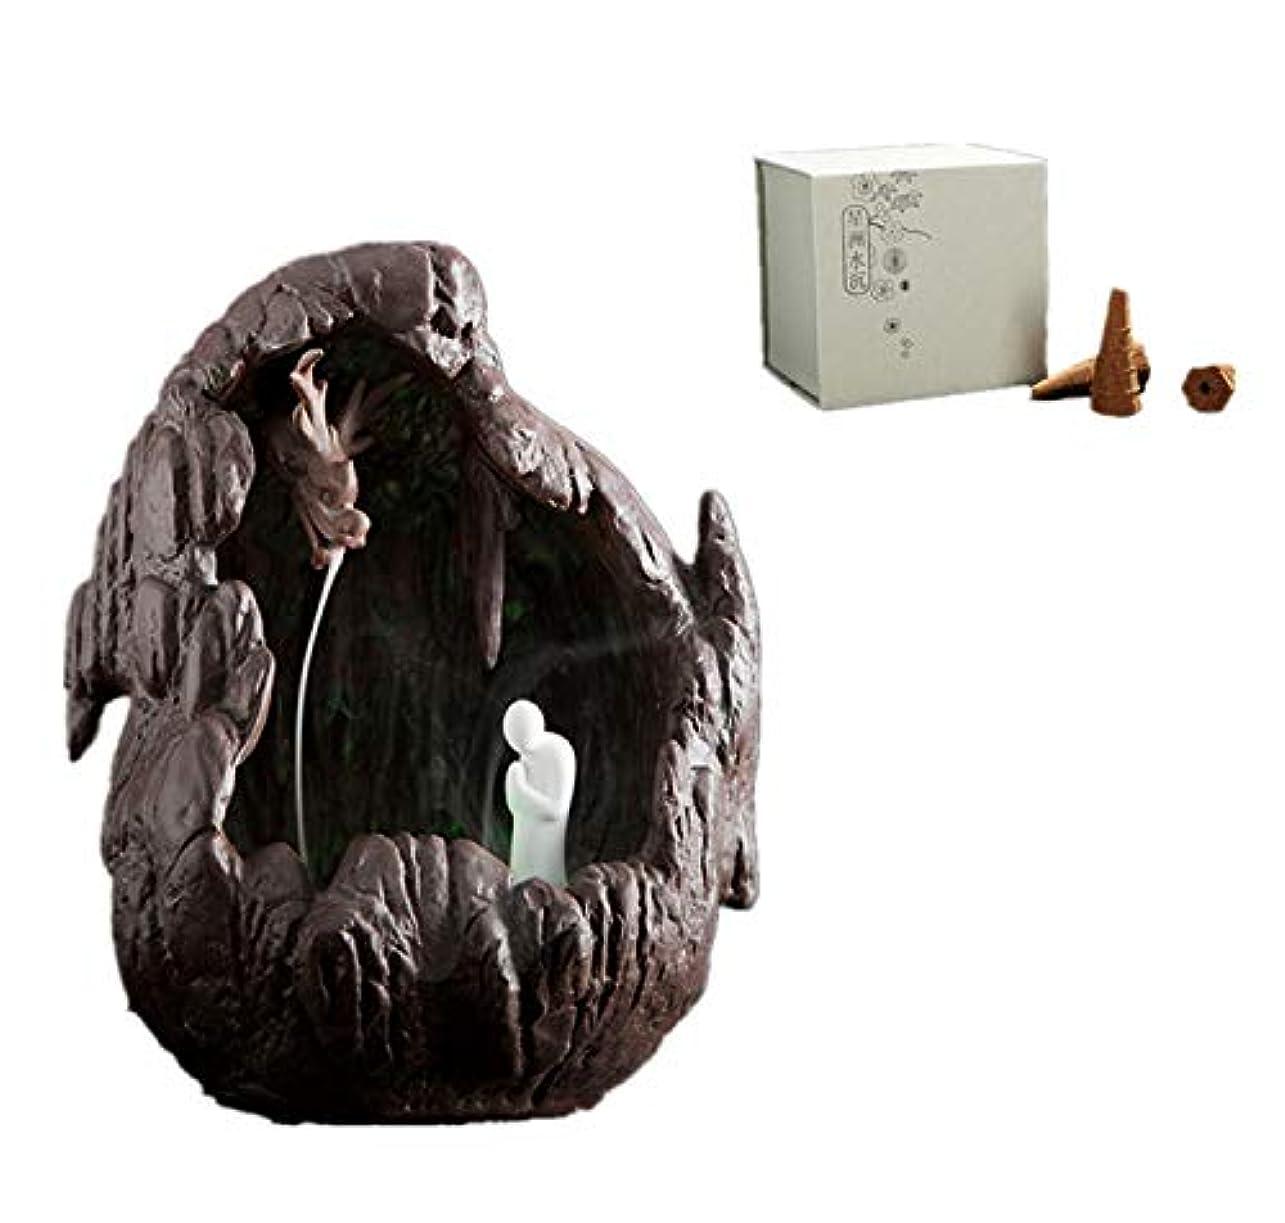 労苦めったにゴールXPPXPP Reflux Incense Burner, Ceramic Incense Burner, With 40pcs Reflux Cone, Suitable For Home Decoration